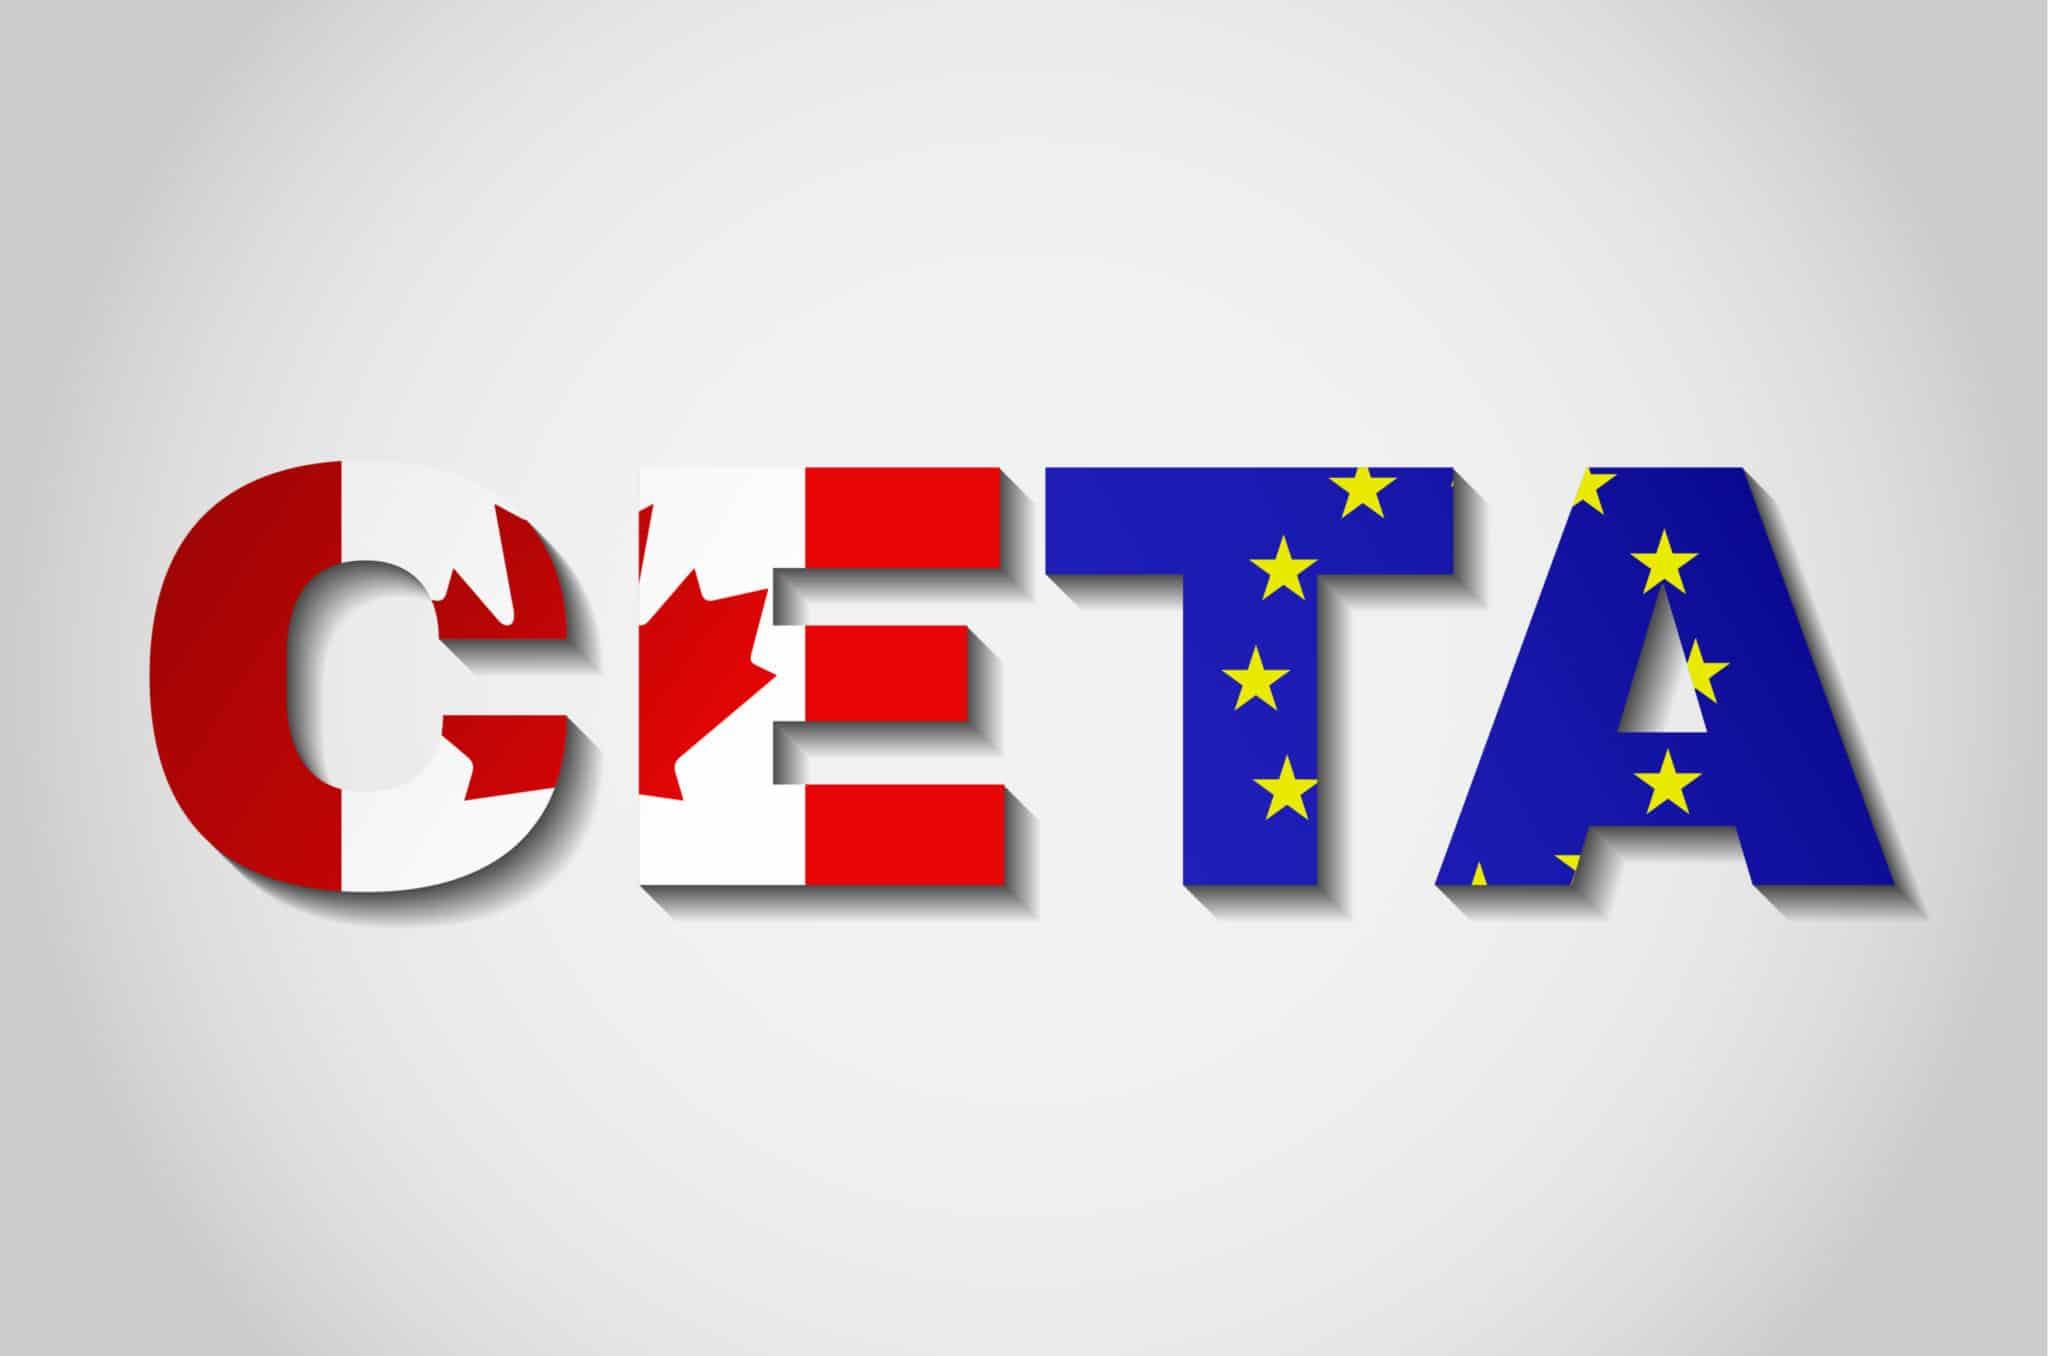 Le potenzialità del Ceta nell'economia Post-Covid-19